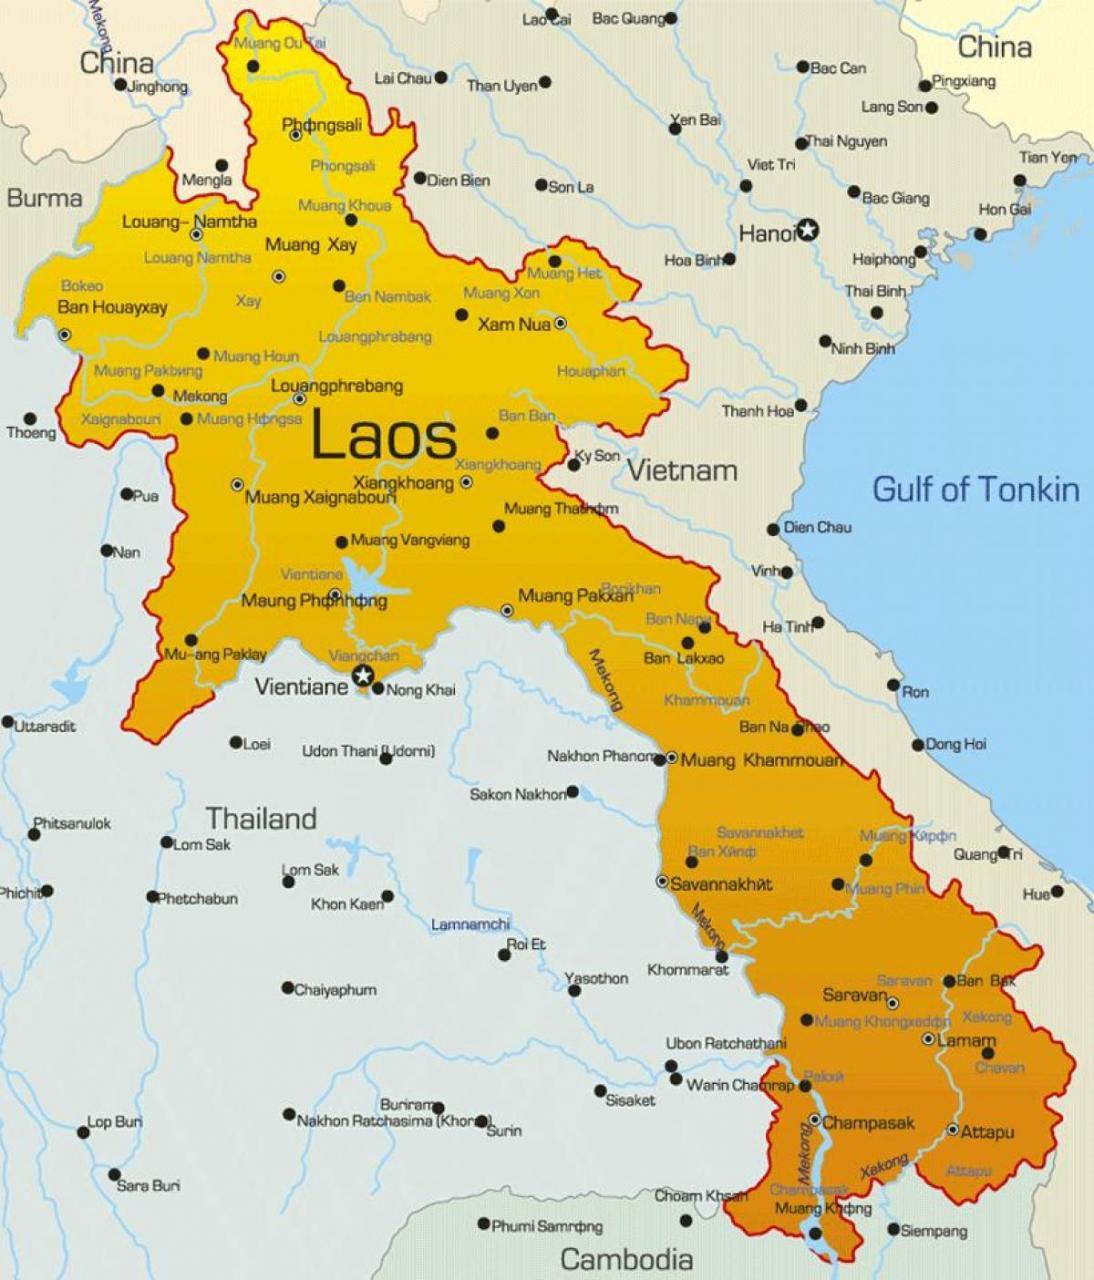 خريطة لاوس بالانجليزي